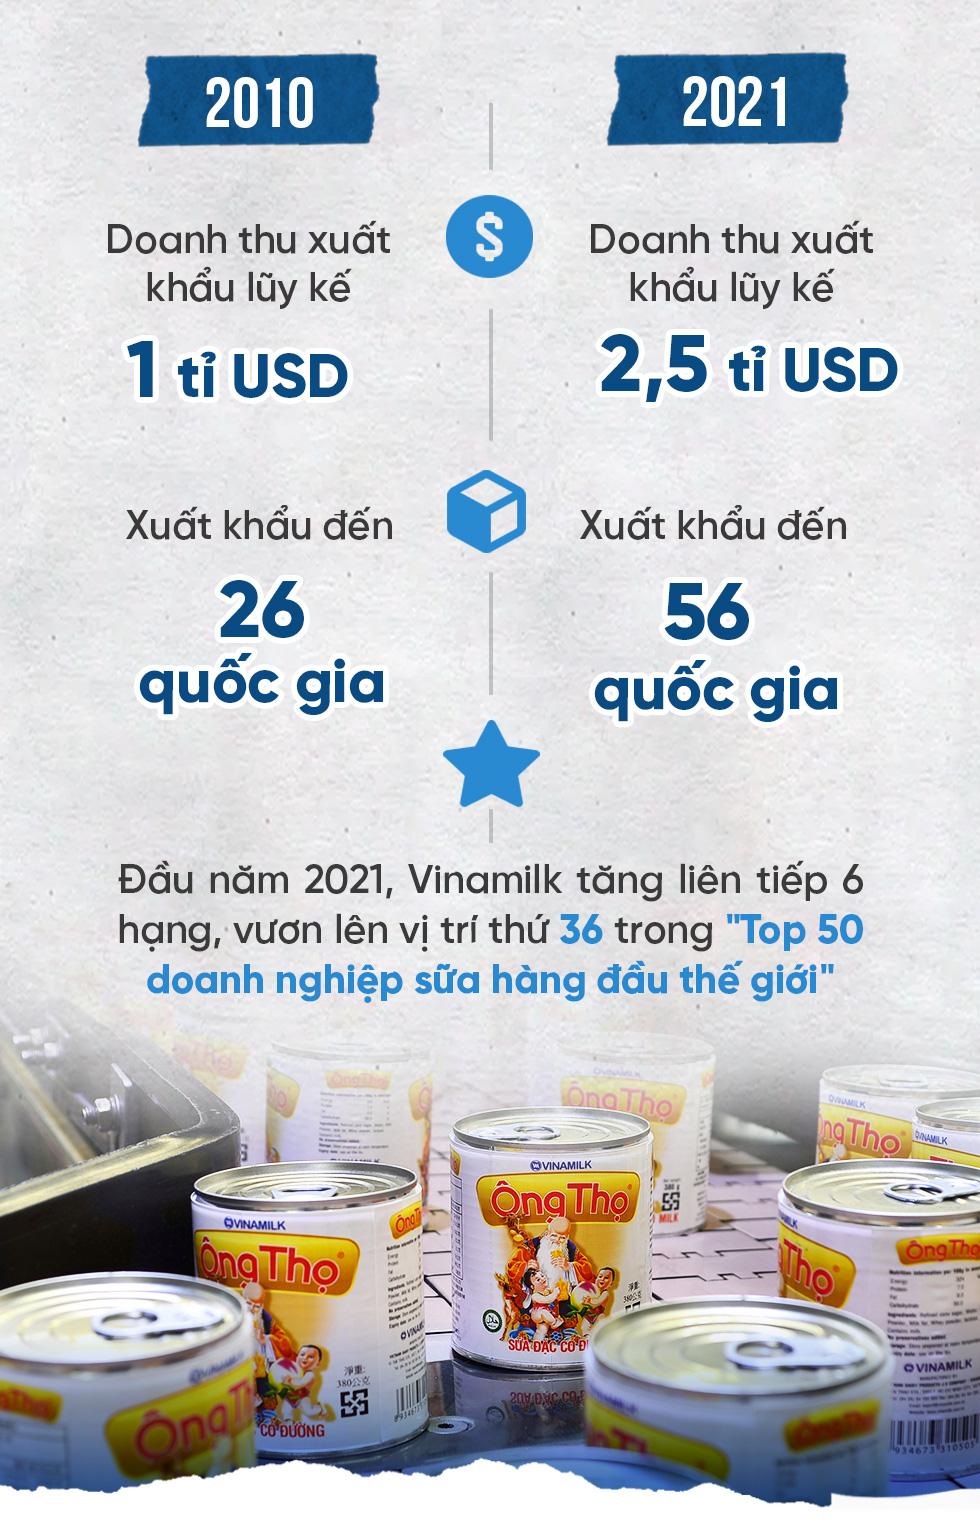 Vinamilk: Dấu son sữa Việt trên đấu trường quốc tế - Ảnh 17.